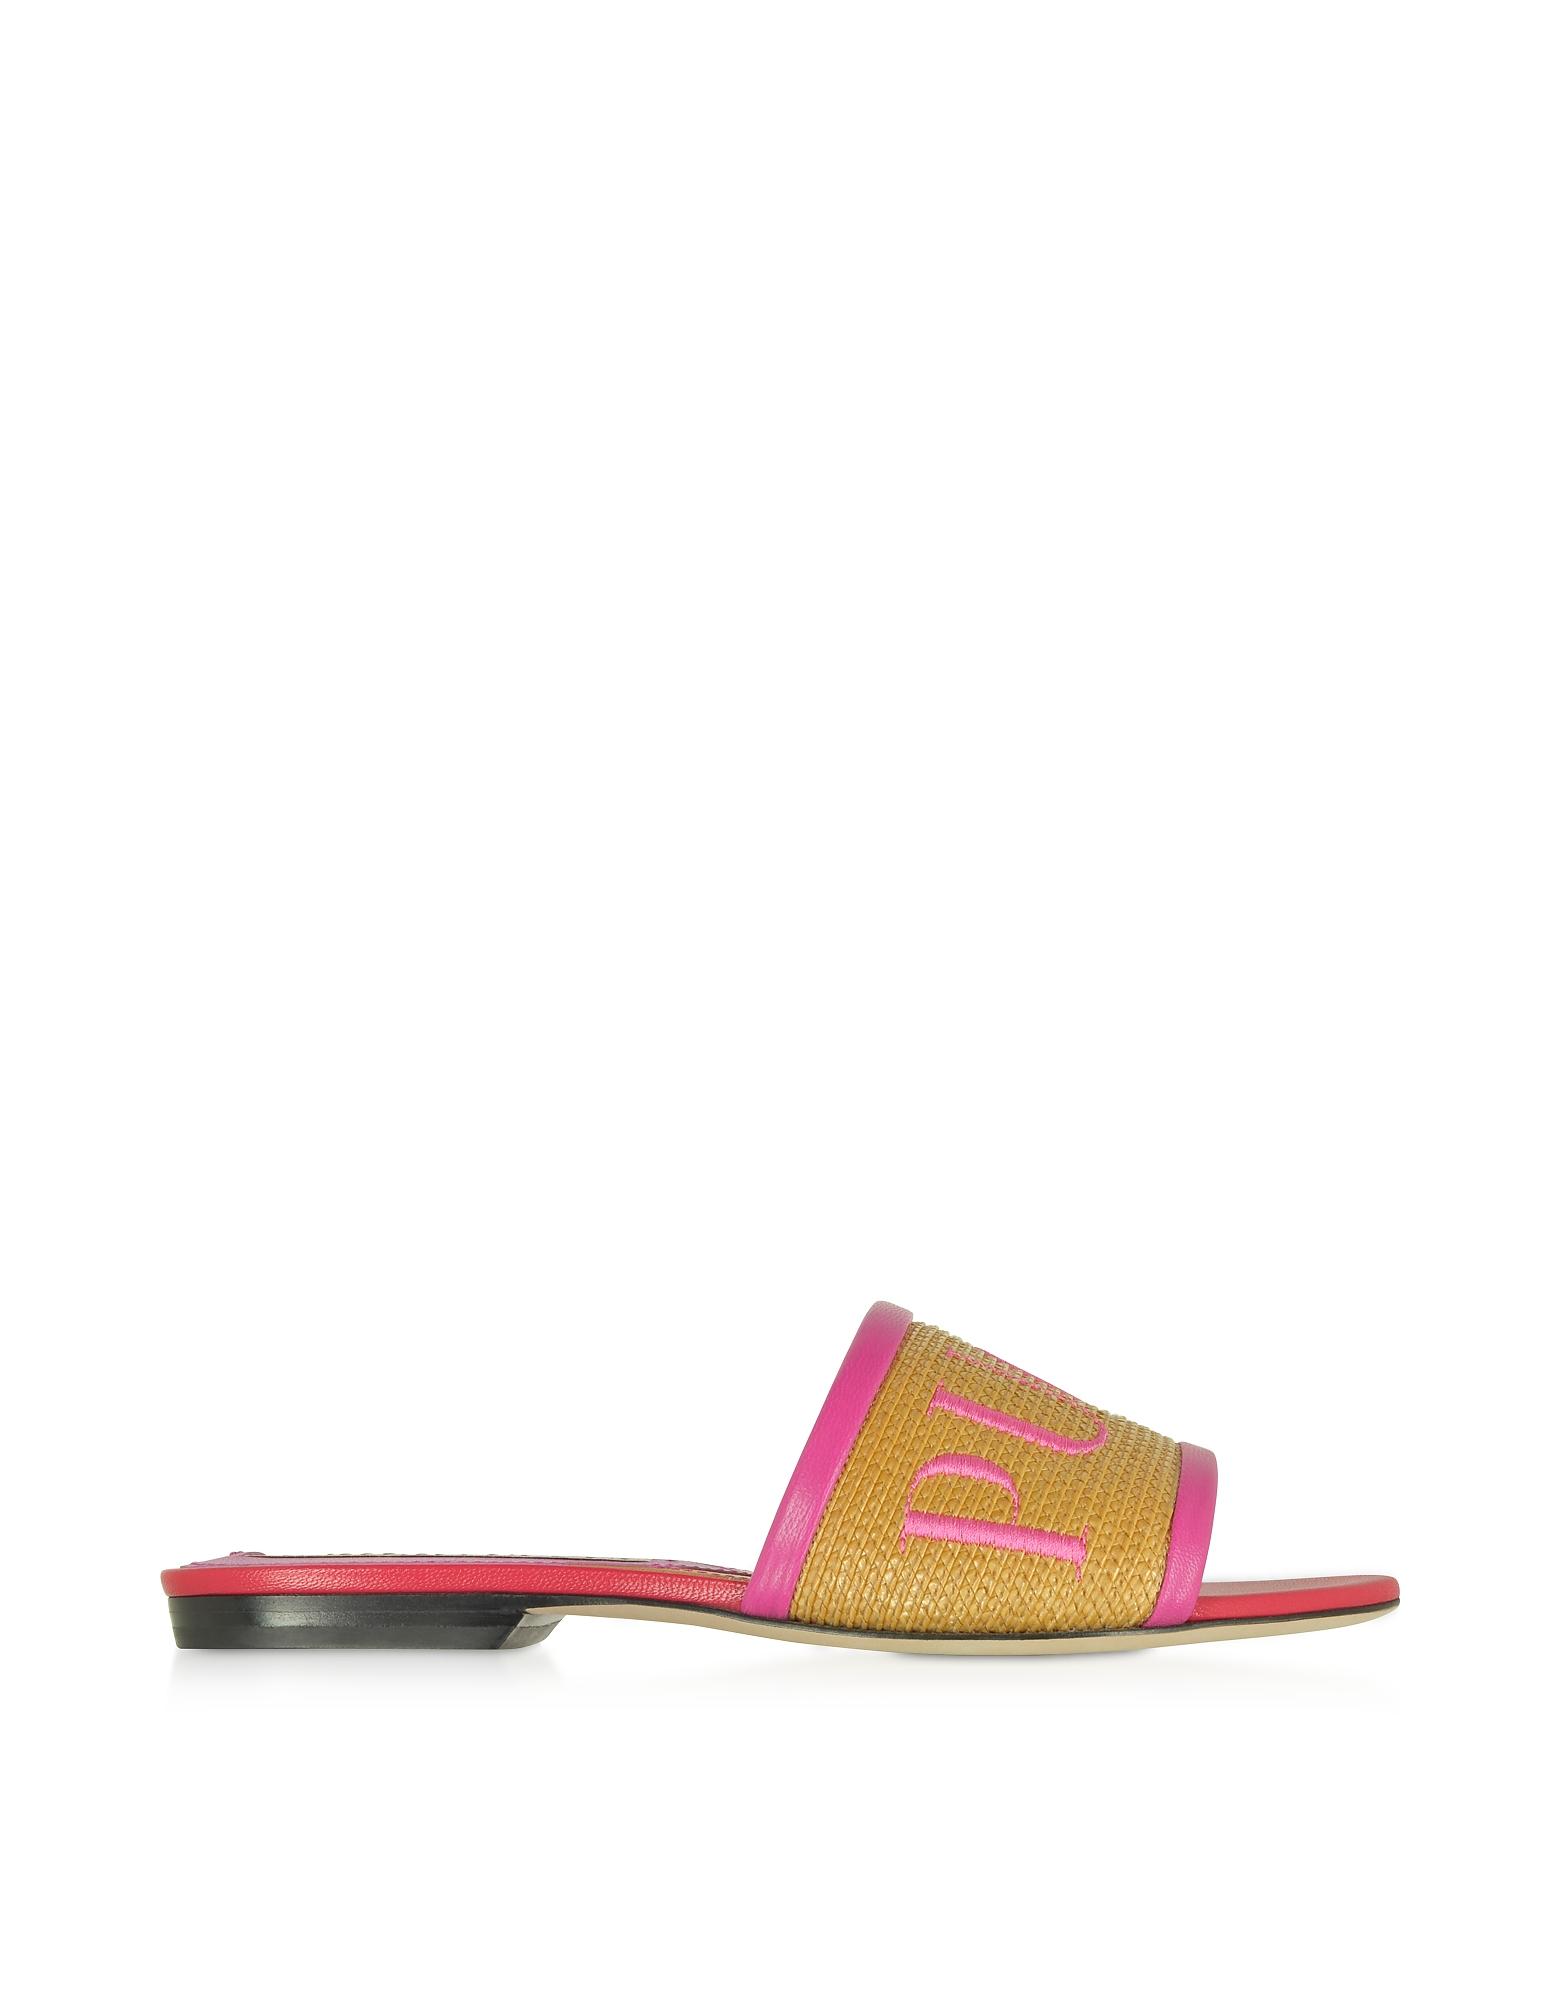 Emilio Pucci Designer Shoes, Raffia & Leather Slipper w/Embroidered Logo